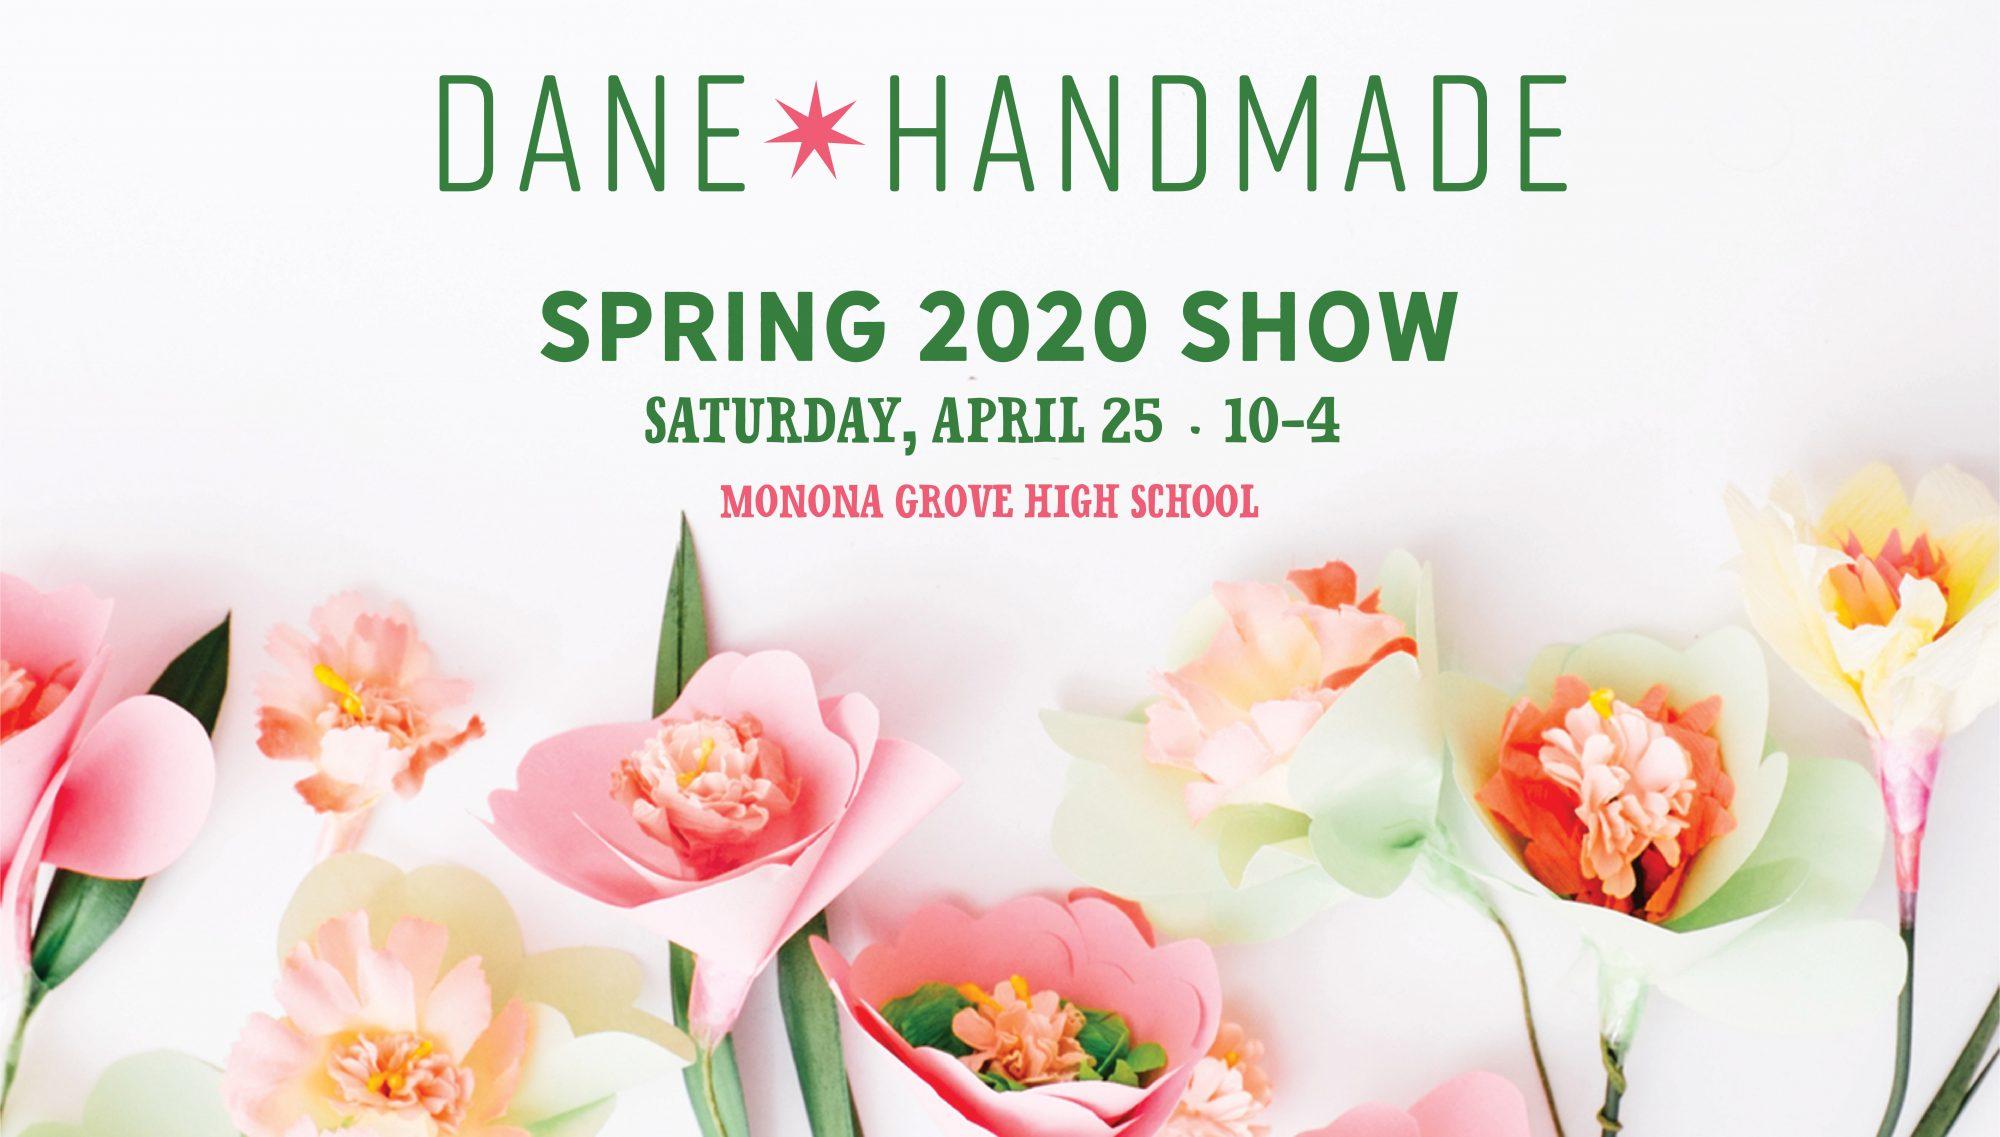 Dane Handmade